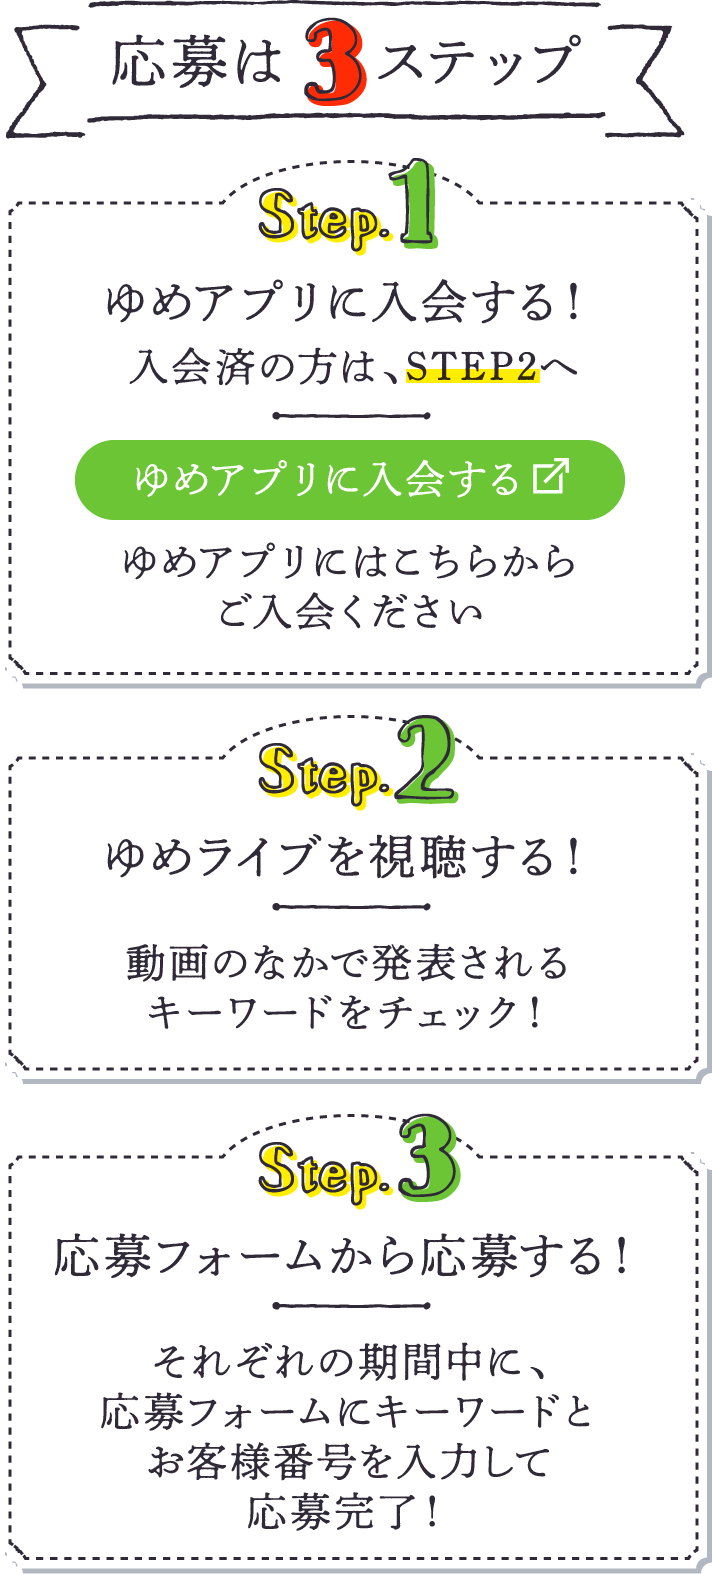 応募は3ステップ